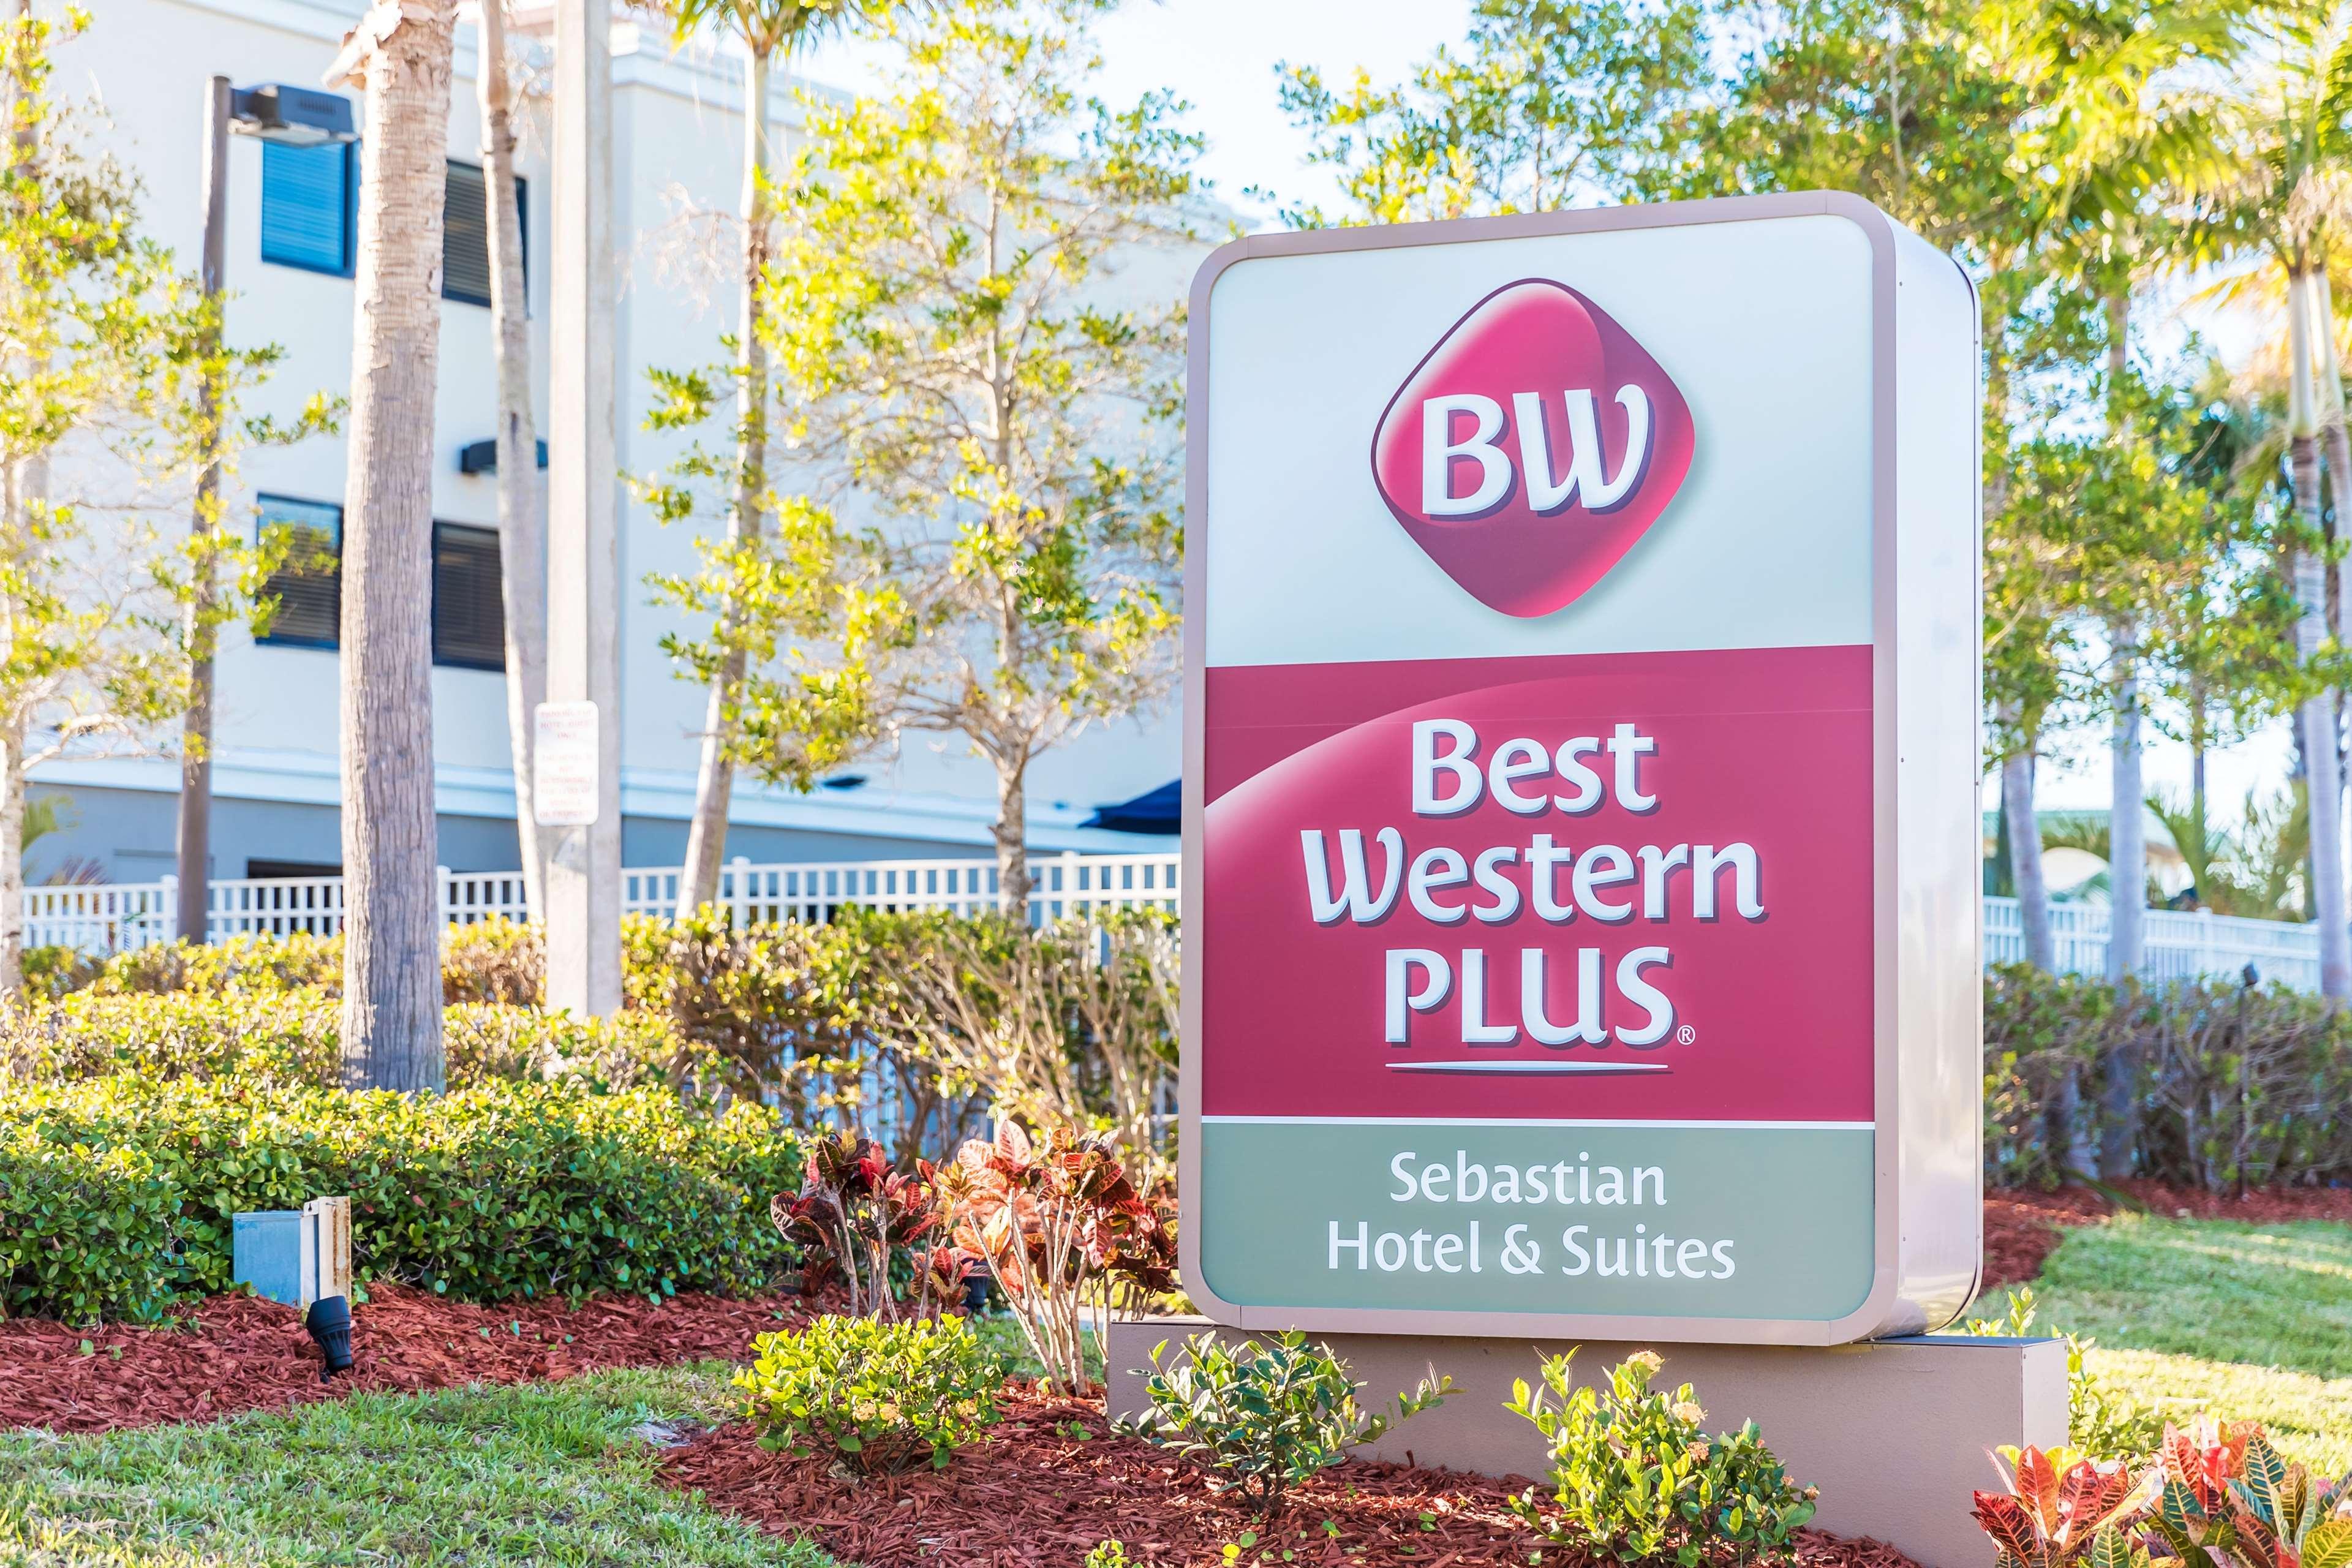 Best Western Plus Sebastian Hotel & Suites image 0